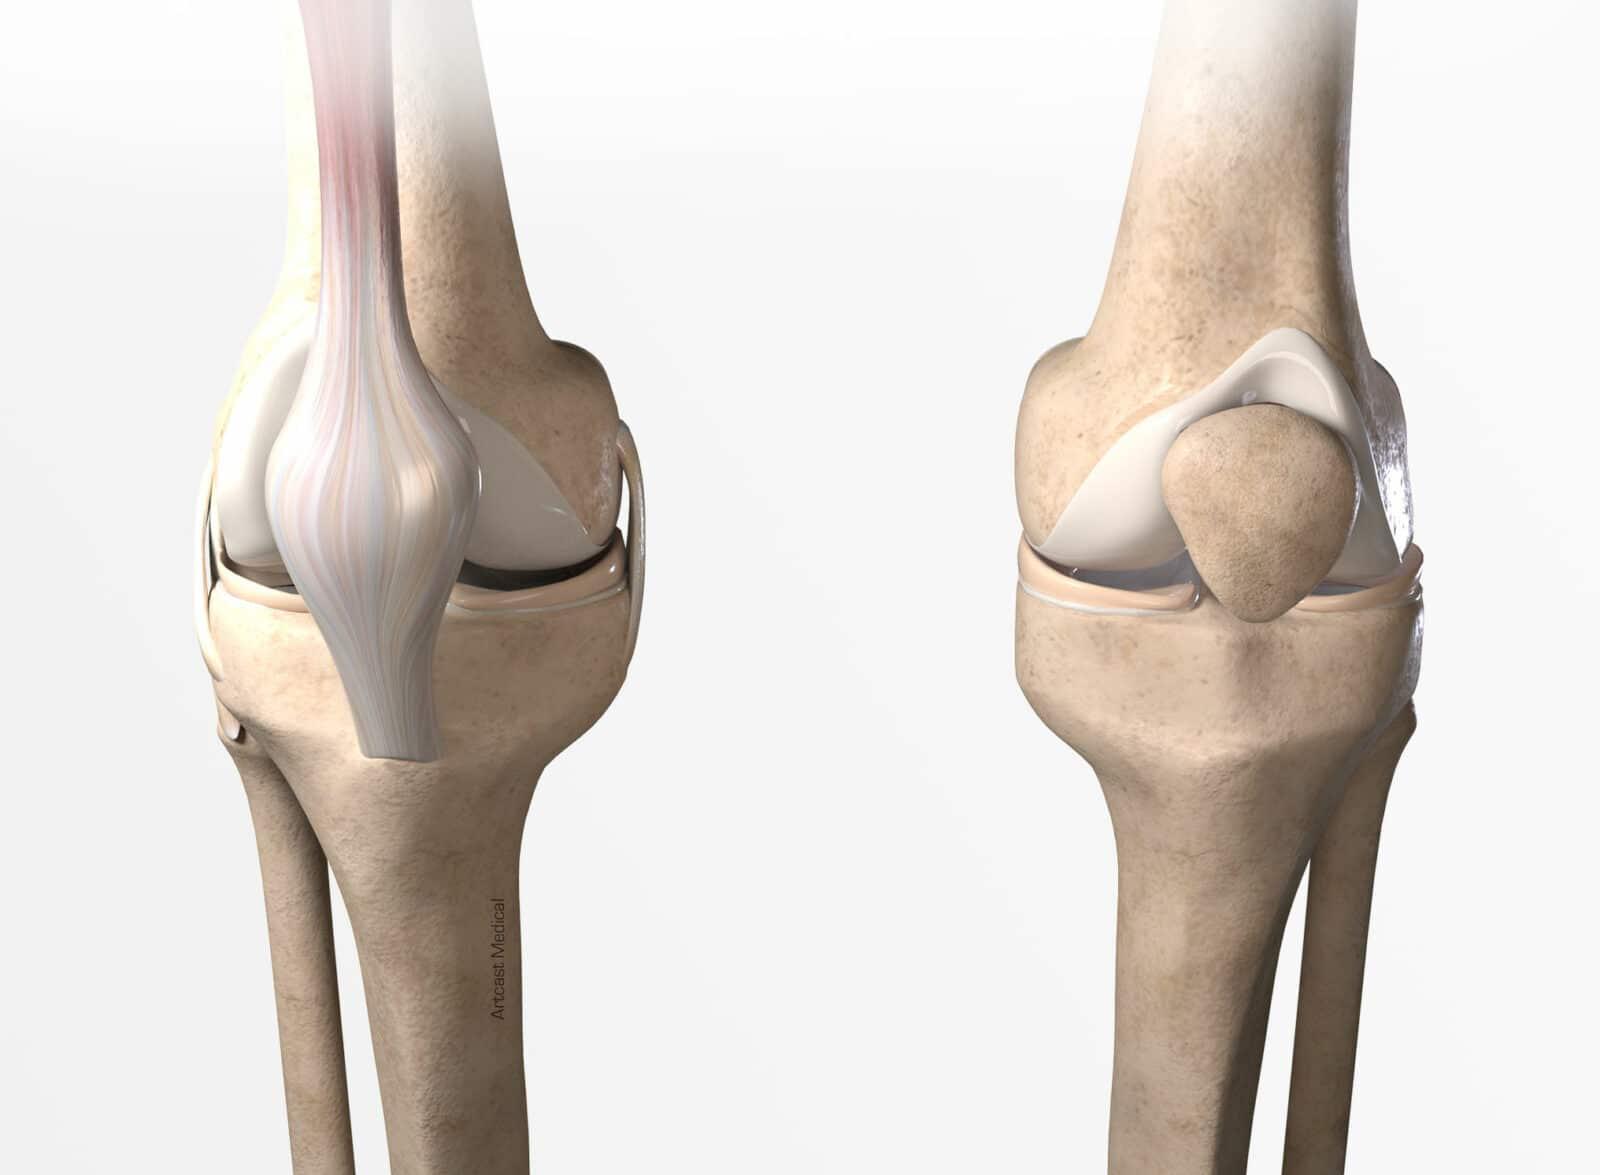 Les pathologies du genou: Symptômes et traitement à Paris - Dr Paillard